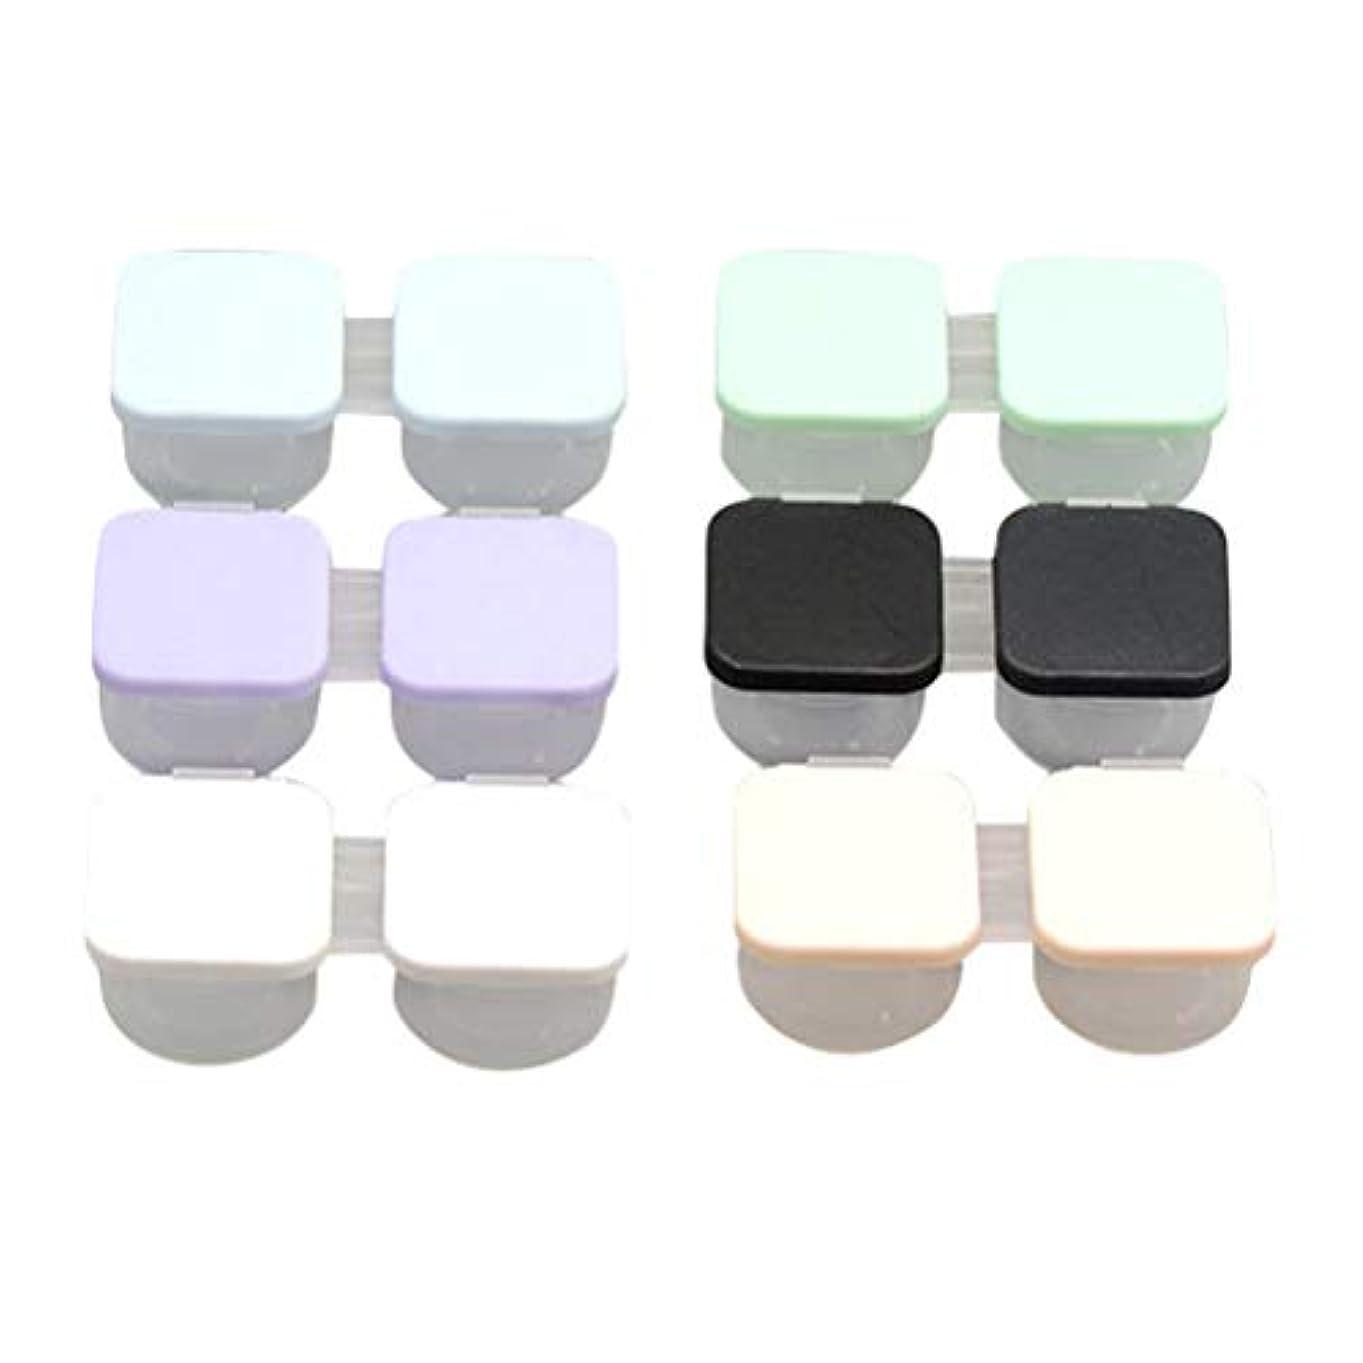 救い疎外する世界に死んだSUPVOX コンタクトケース ケアパレット 保存ケース プラスチック製 軽量 安全6個入(混色)